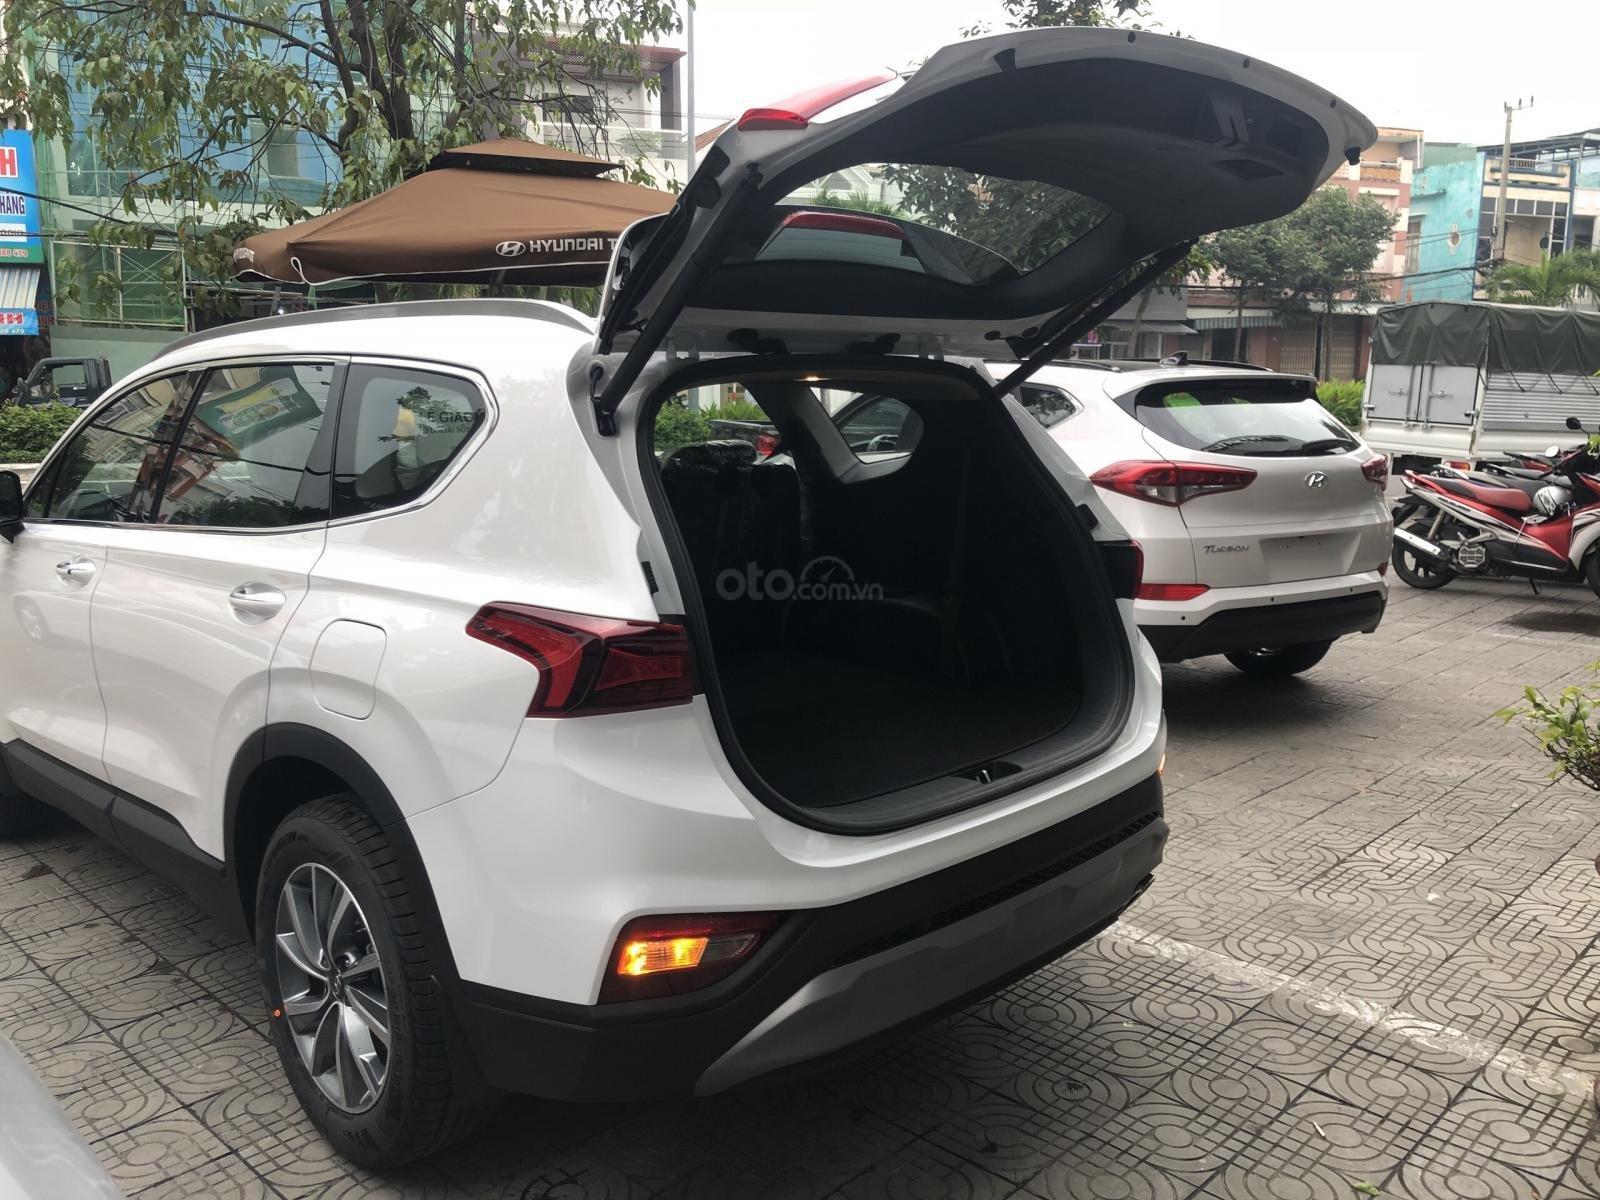 Bán Hyundai Santa Fe 2019, màu trắng, xe nhập, giá chỉ 995 triệu-5